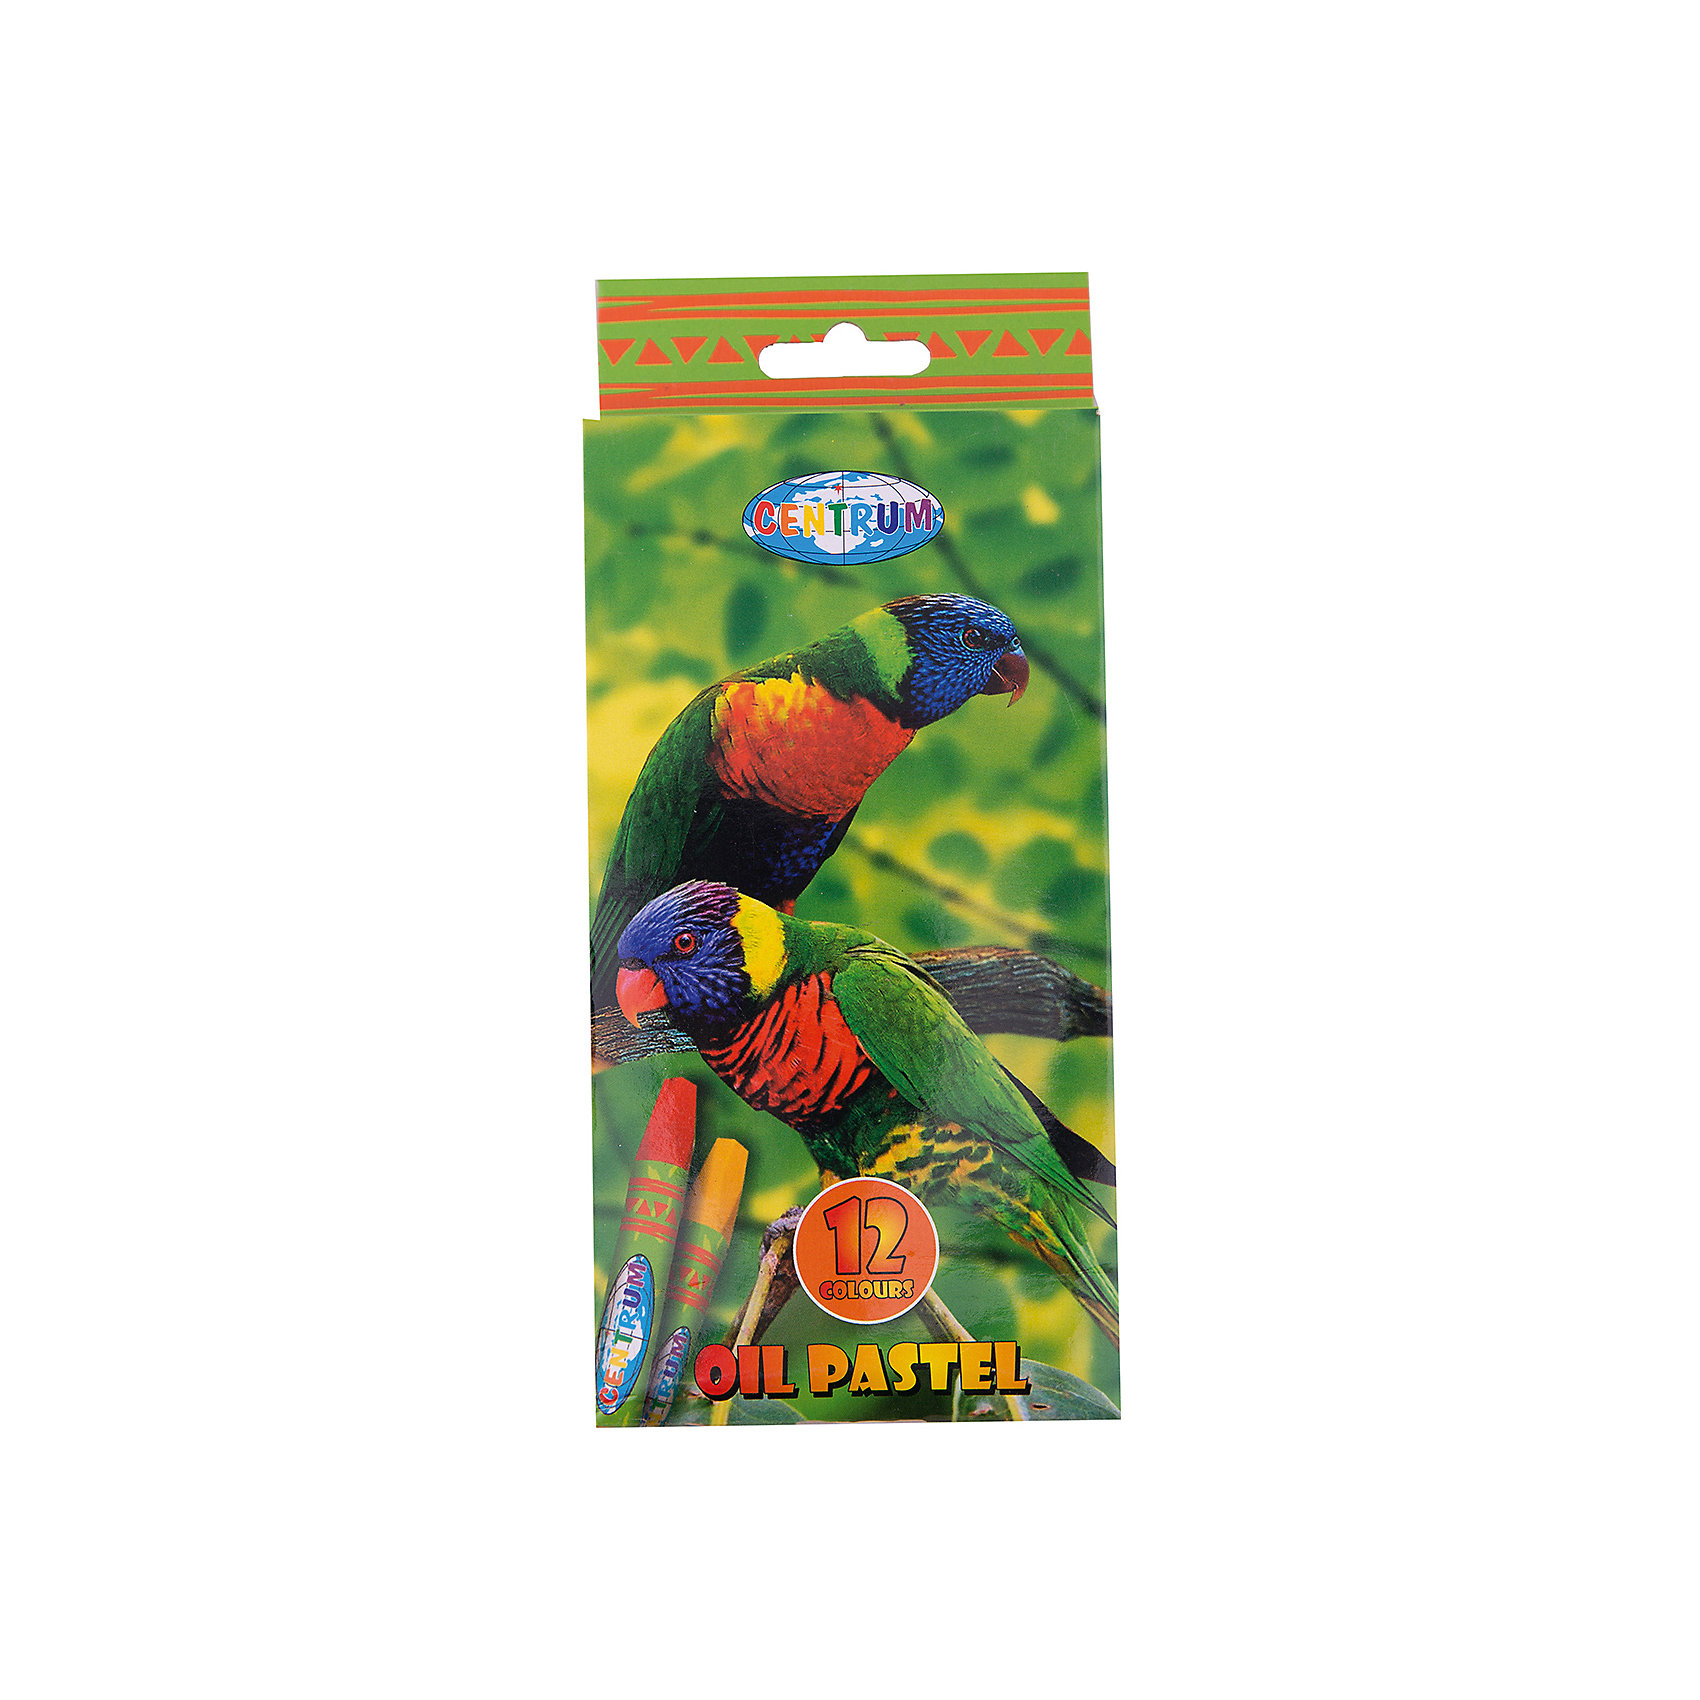 CENTRUM Мелки пастельные масляные, 12 цветов мелки centrum мелки пастельные масляные 6 цветов